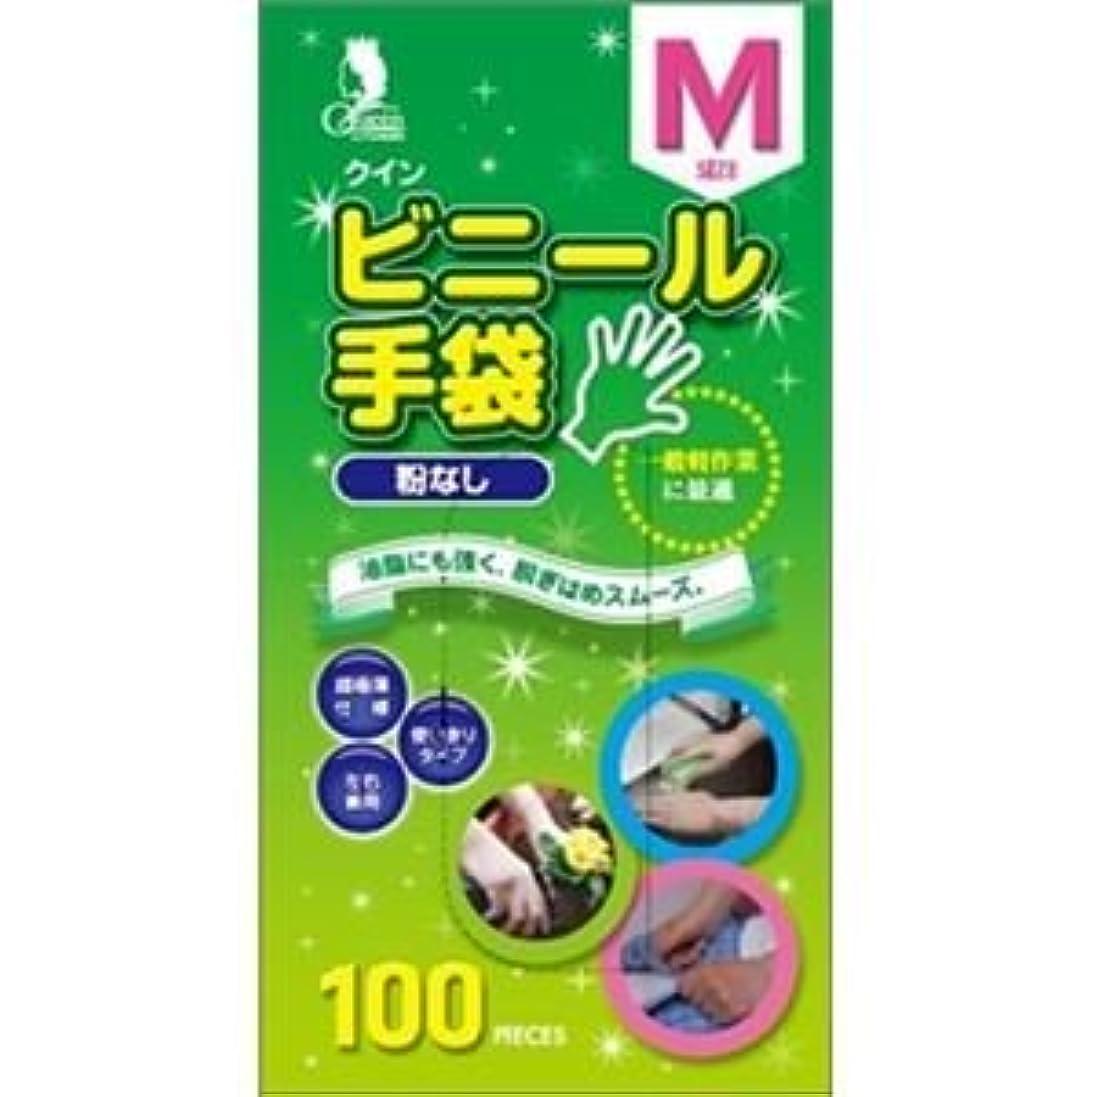 叙情的な試験人事(まとめ)宇都宮製作 クインビニール手袋100枚入 M (N) 【×3点セット】